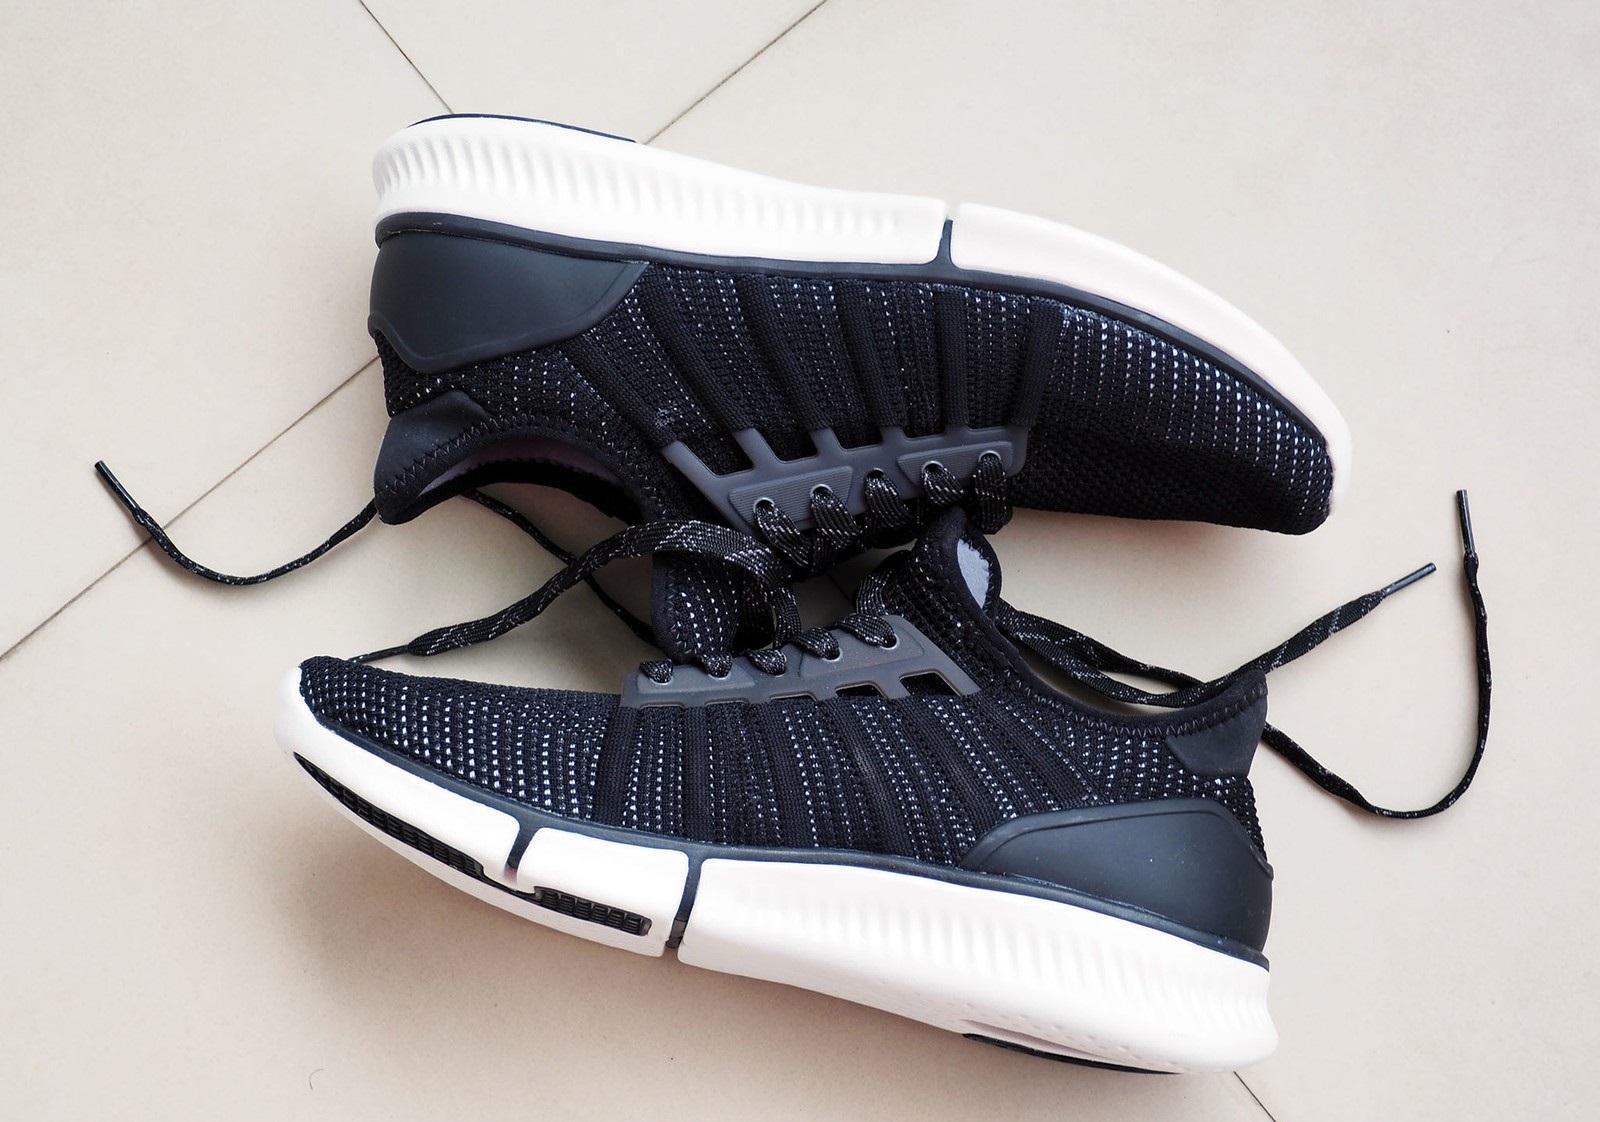 محصول شیائومی - xiaomi کفش هوشمند شیائومی میجیا Mi